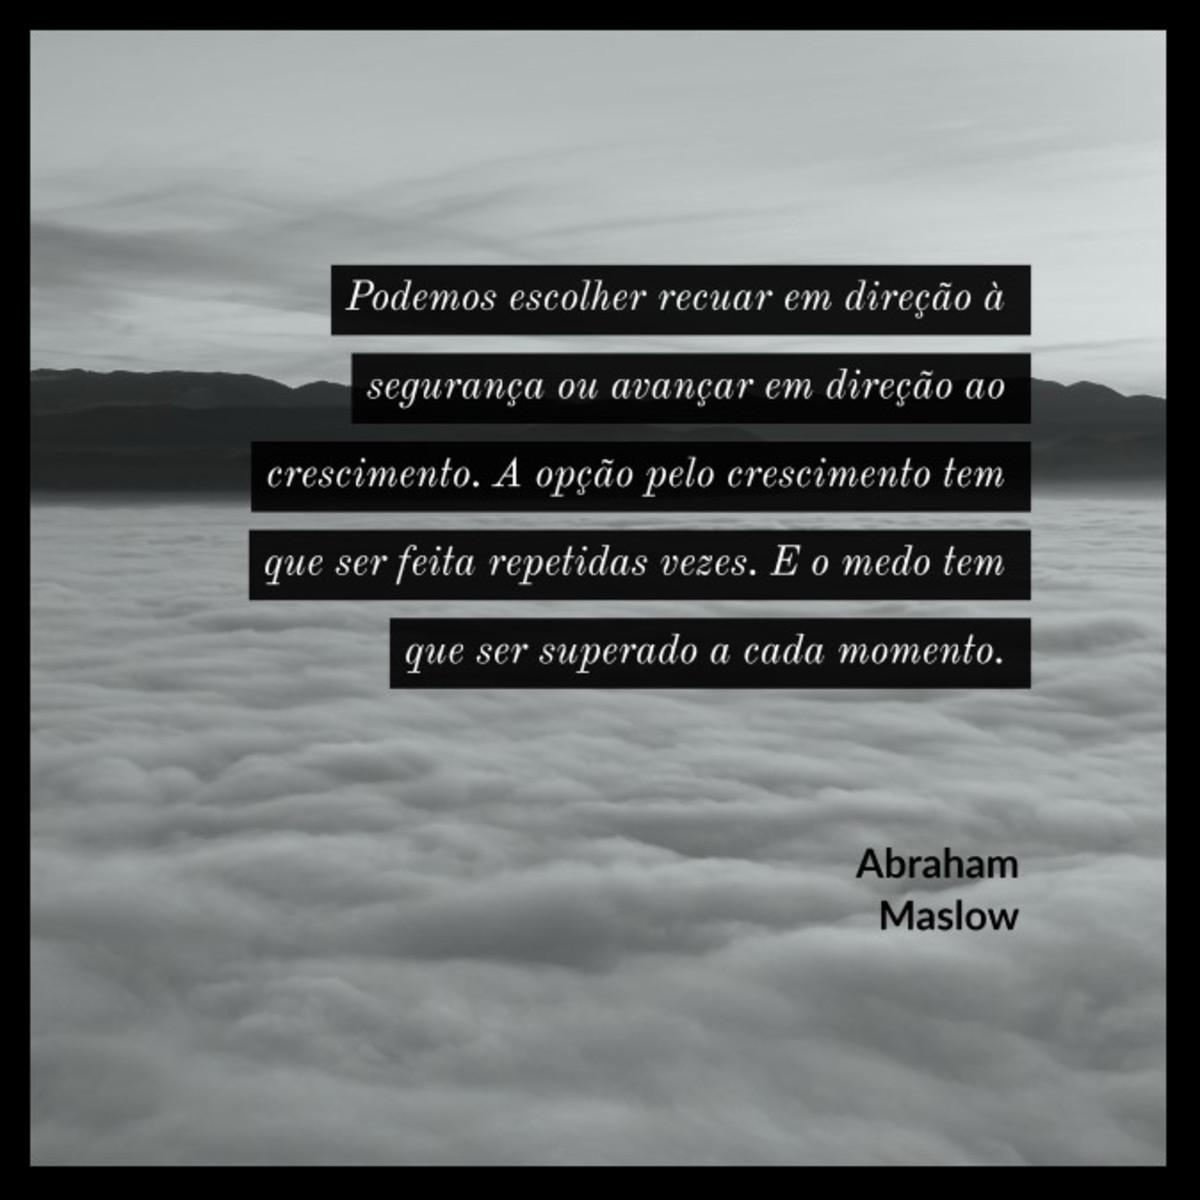 Quadro Motivacional Por Abraham Maslow